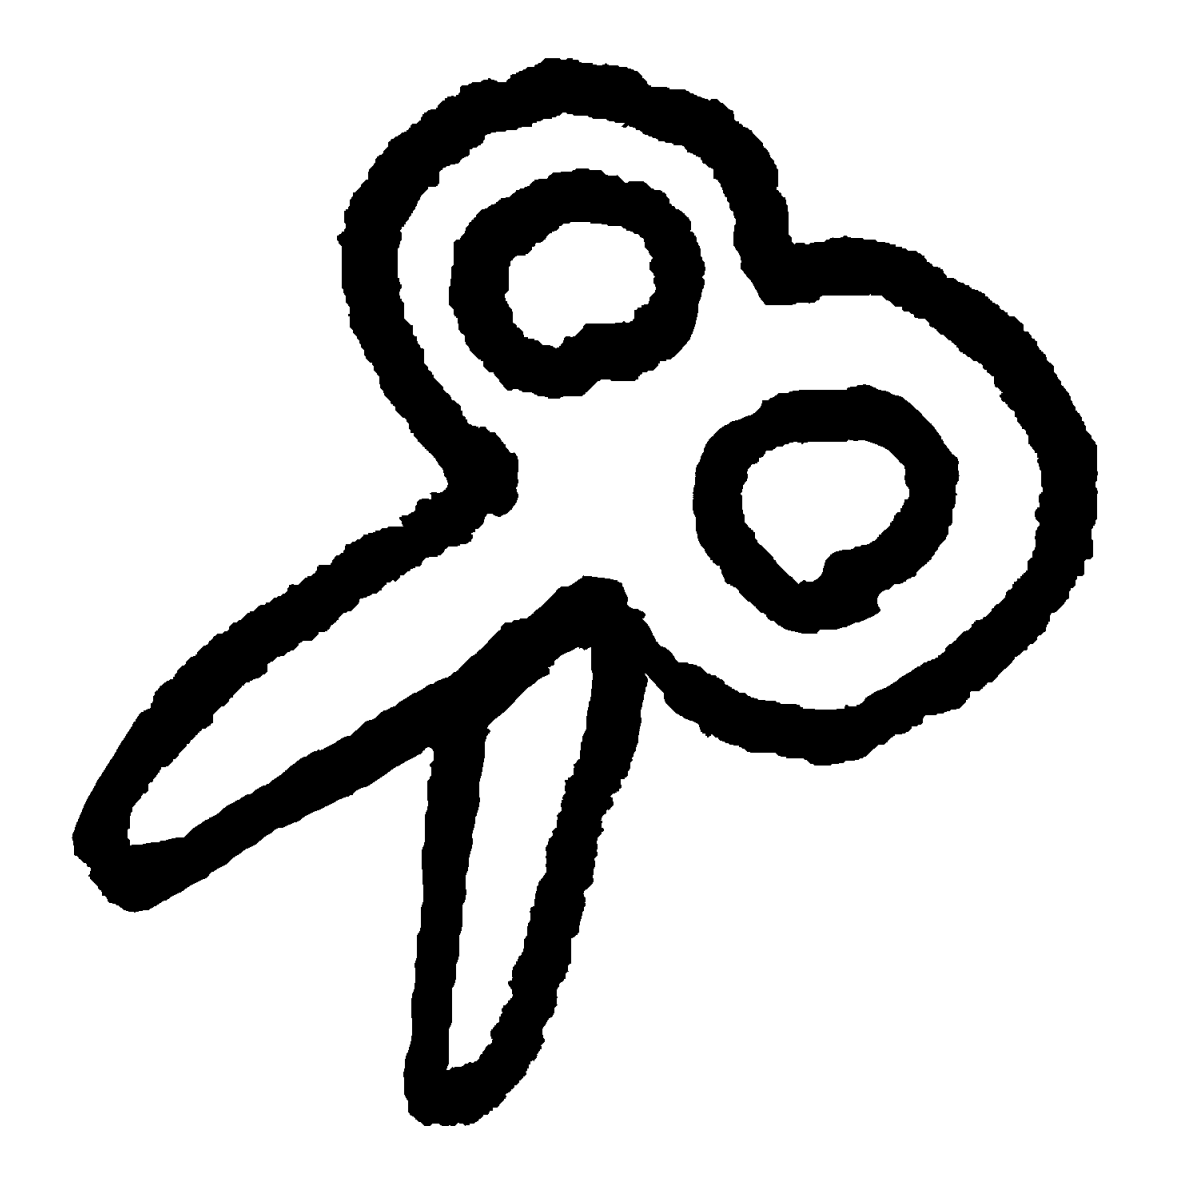 開いたハサミのイラスト / Open shears Illustration